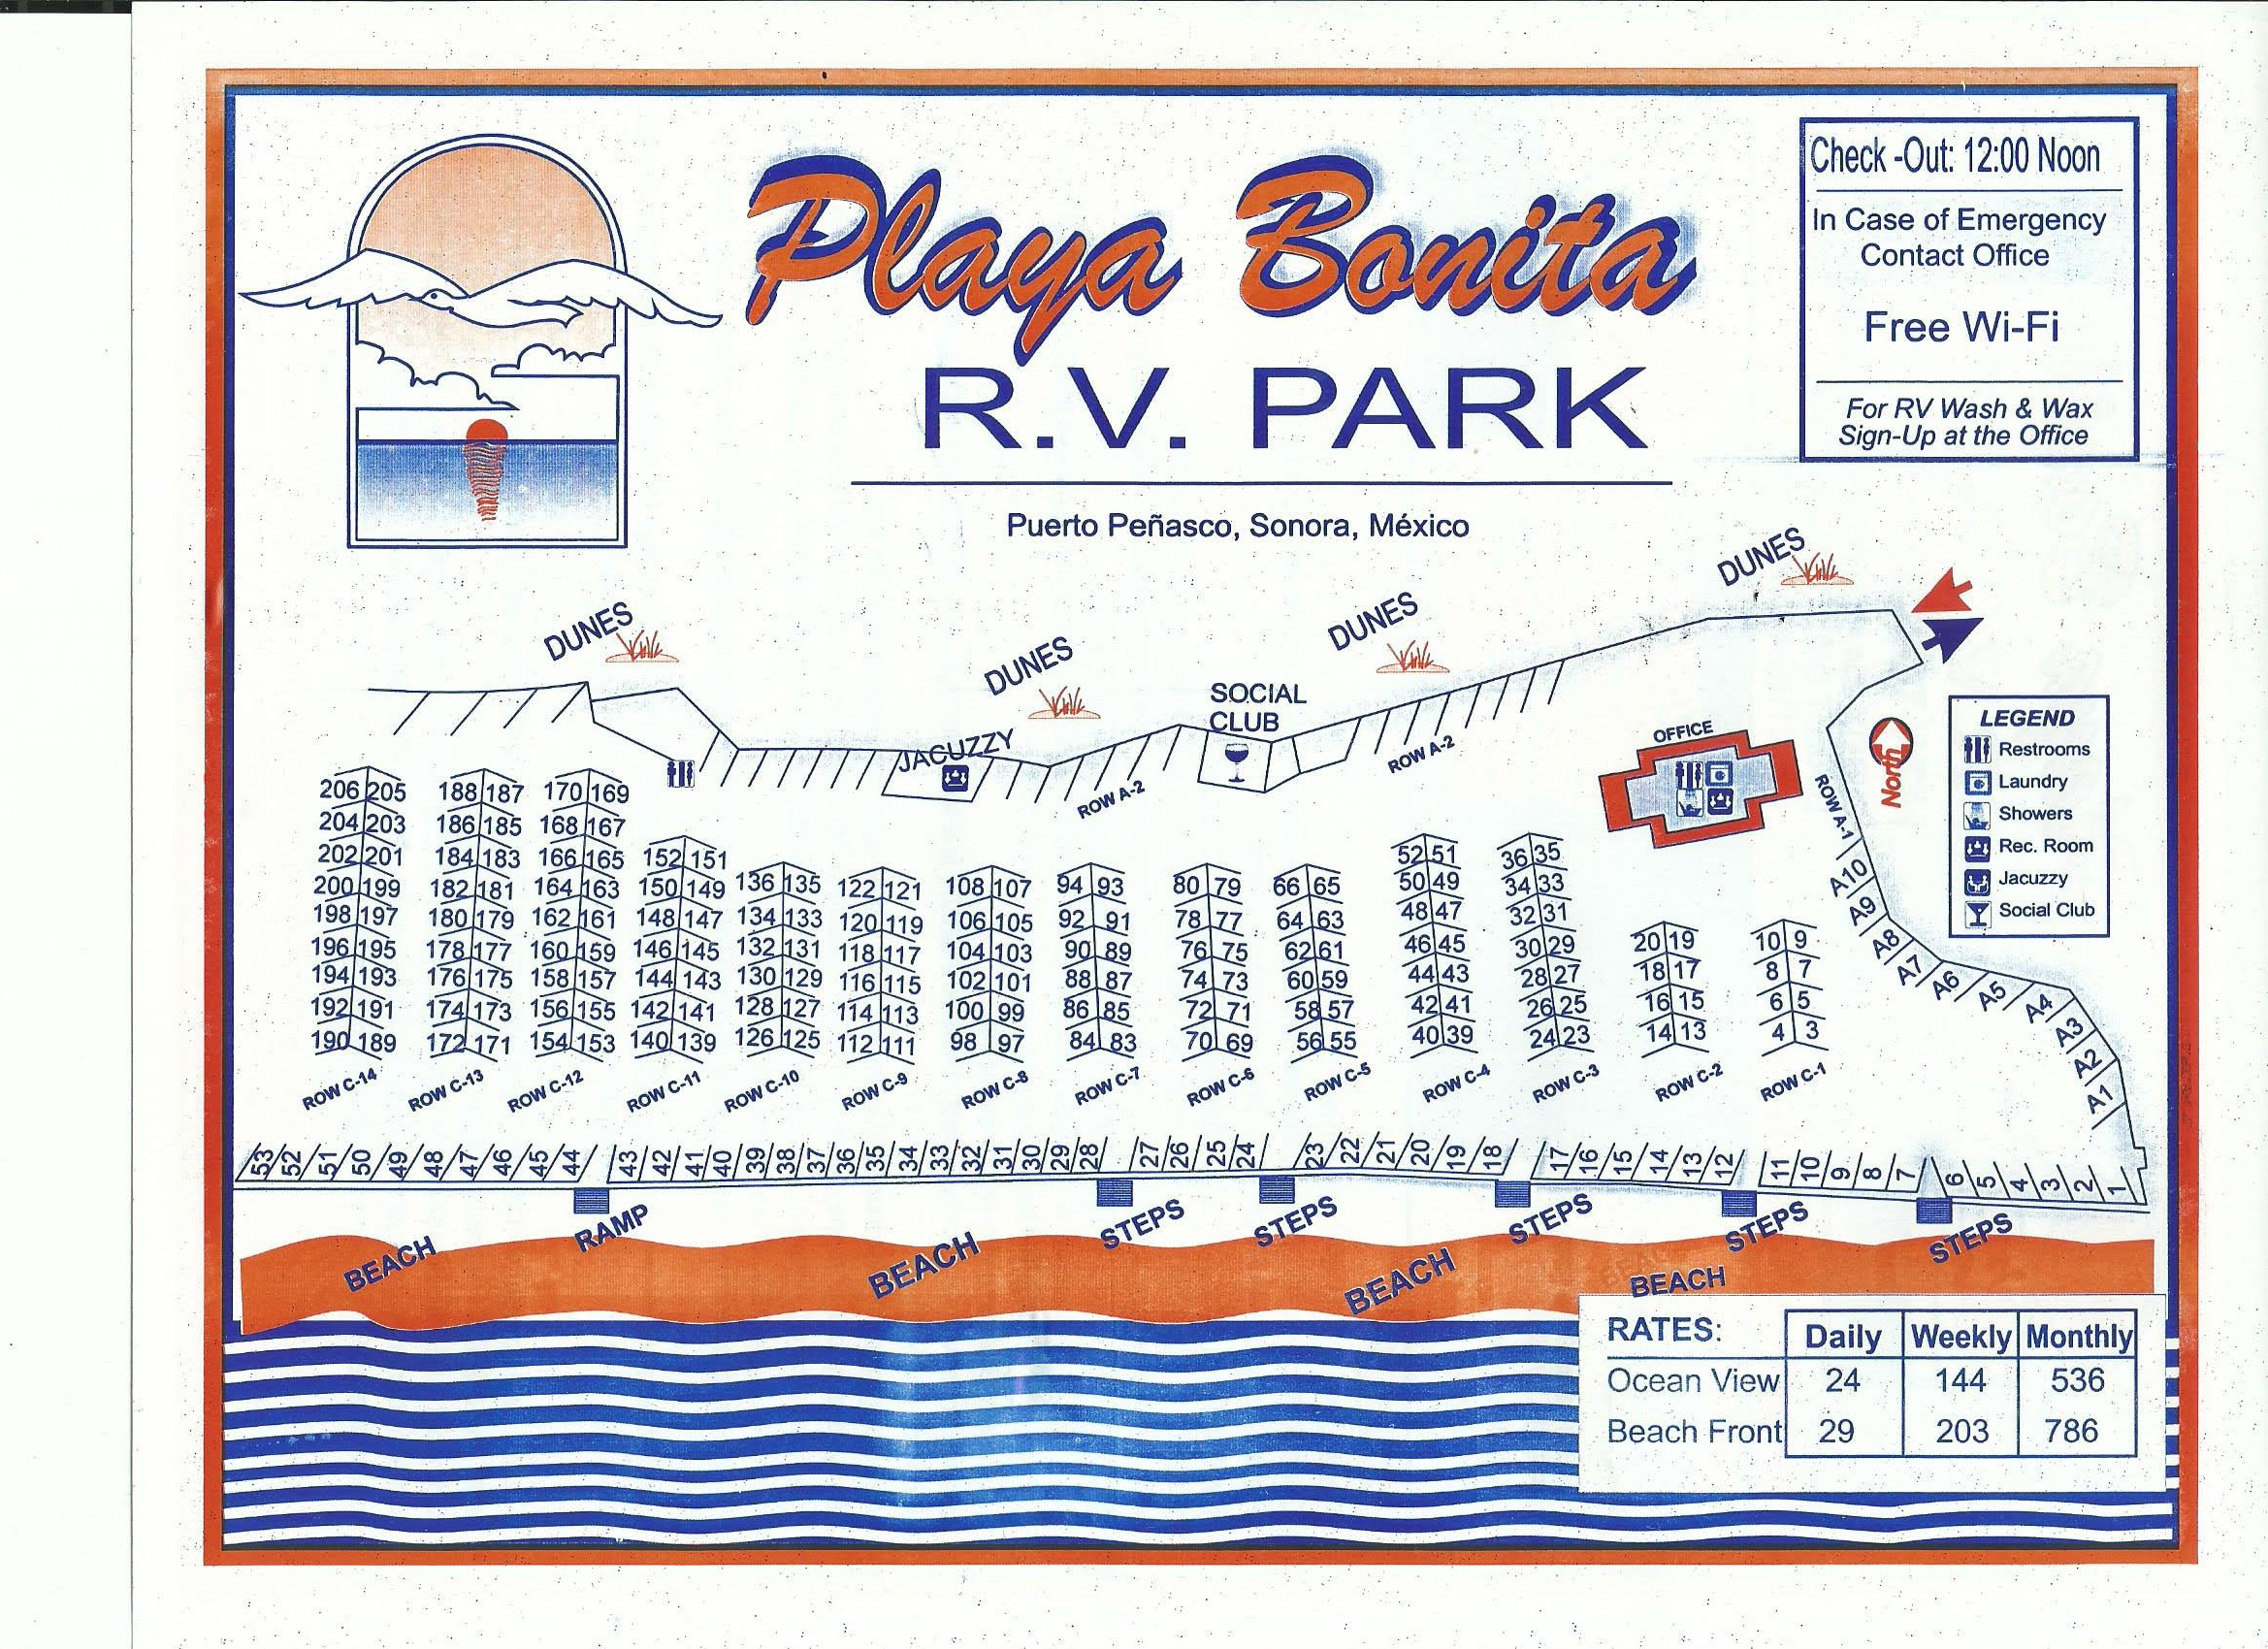 Playa Bonita R V Park